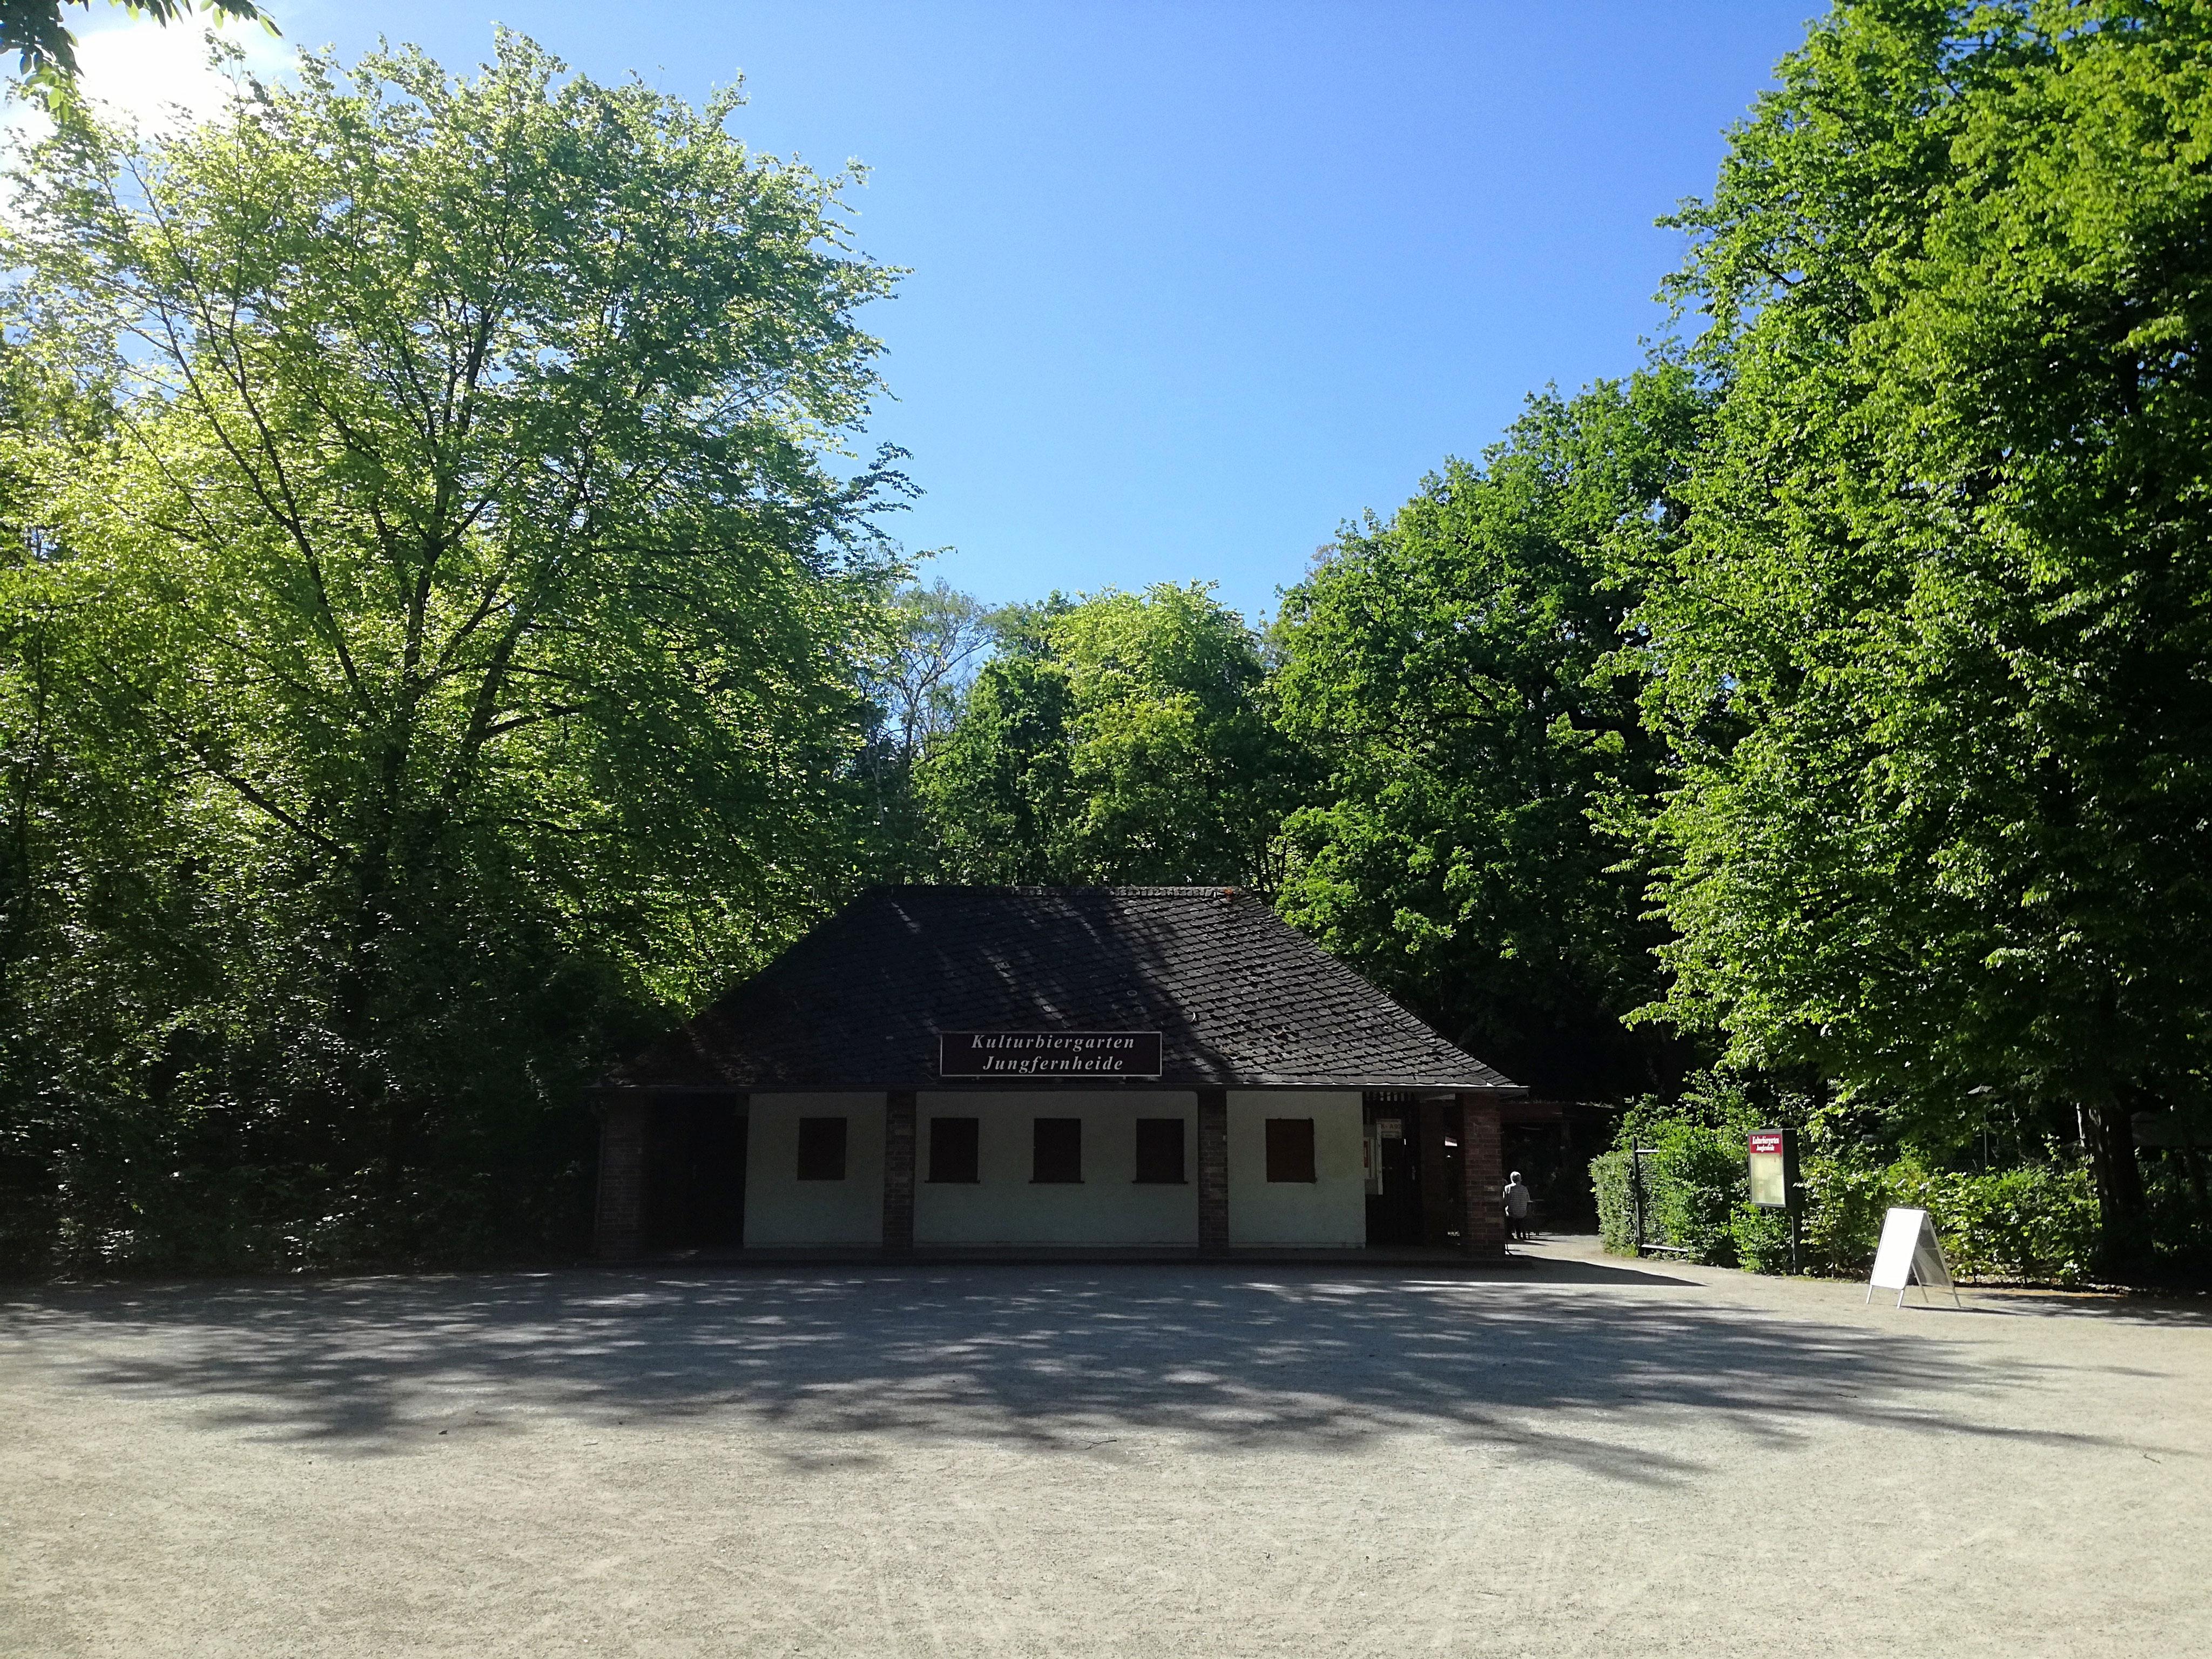 Volkspark Jungfernheide - Fortsetzung Berlin - Der Blog über Berlin Kosten